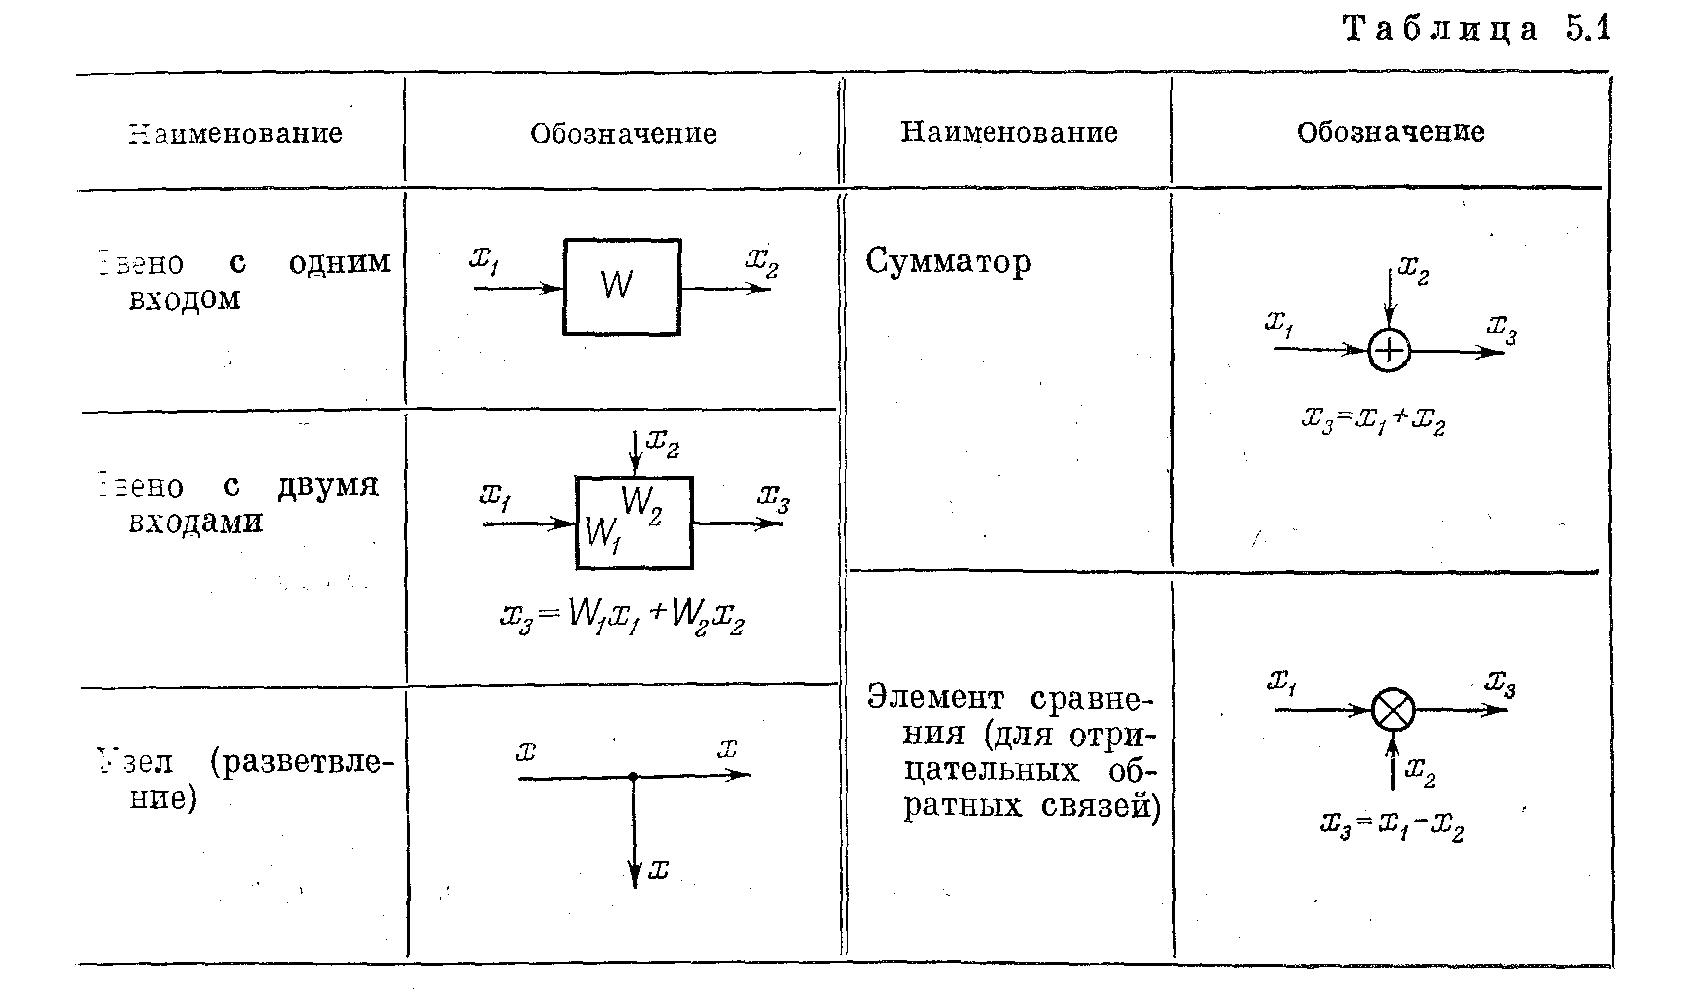 Элементы графики в структурных схемах